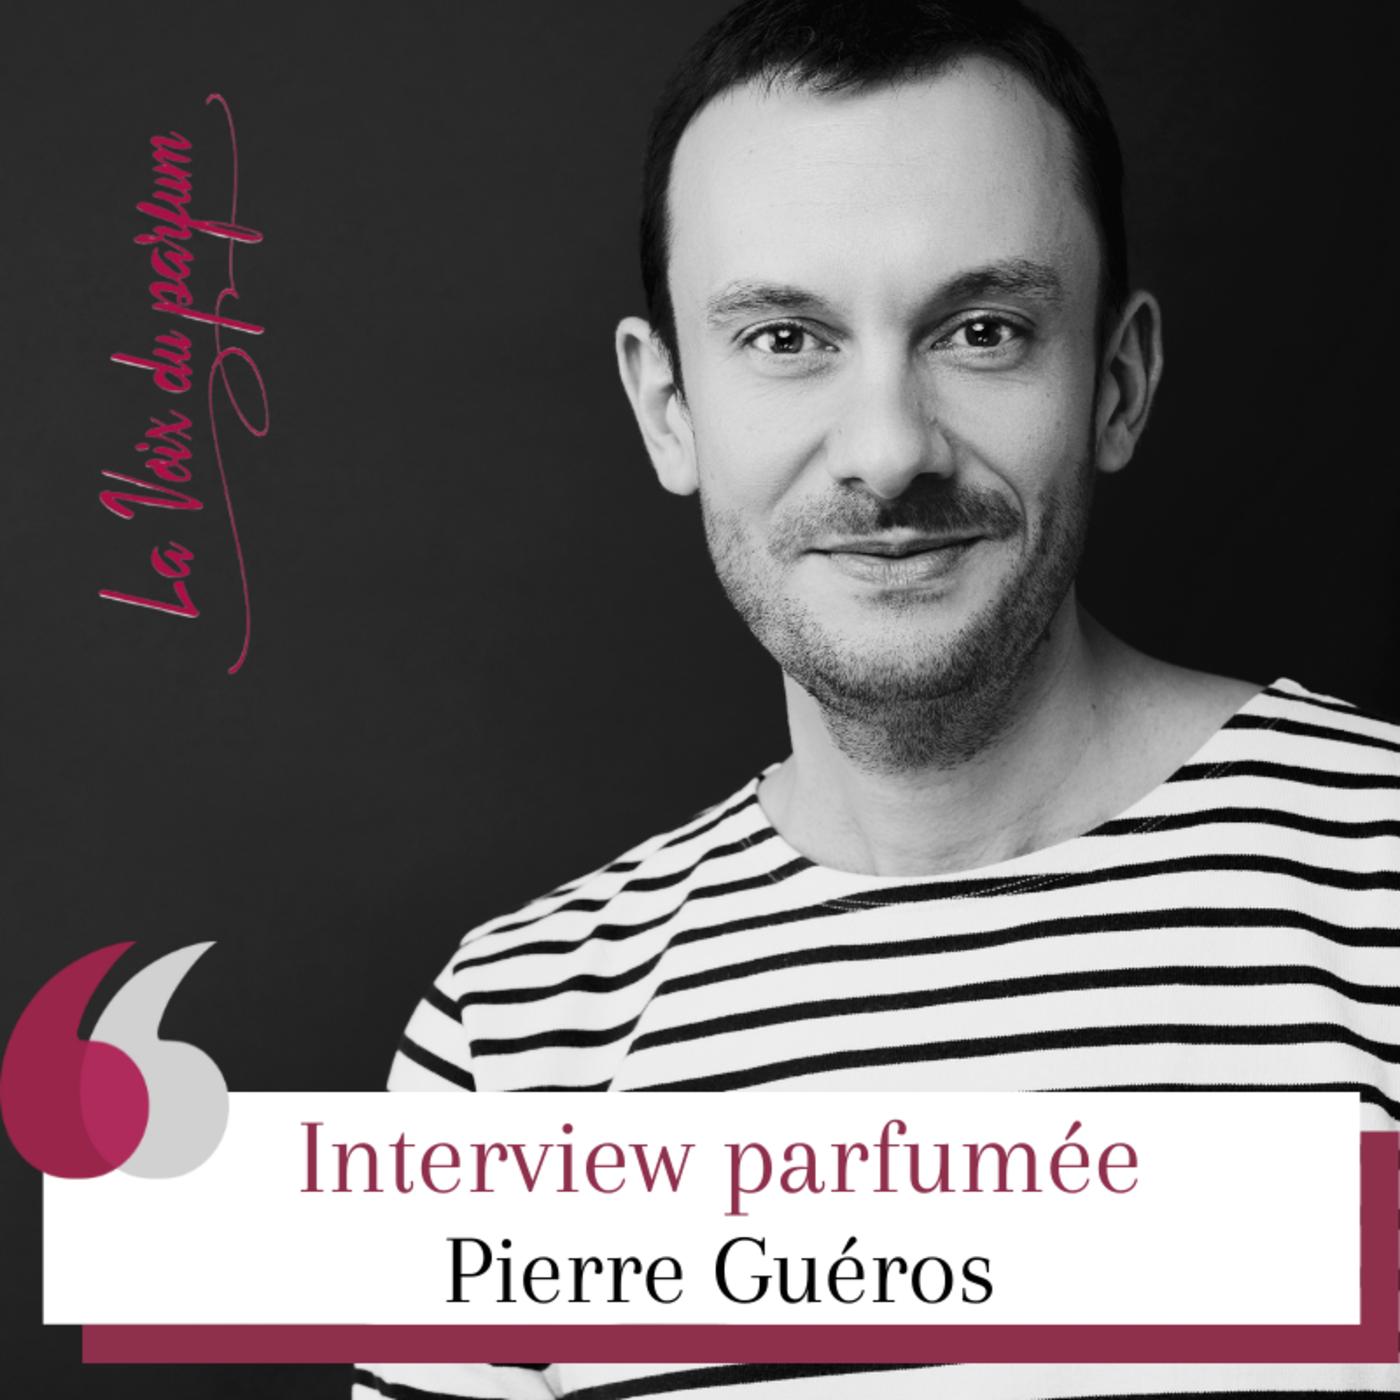 Pierre Guéros